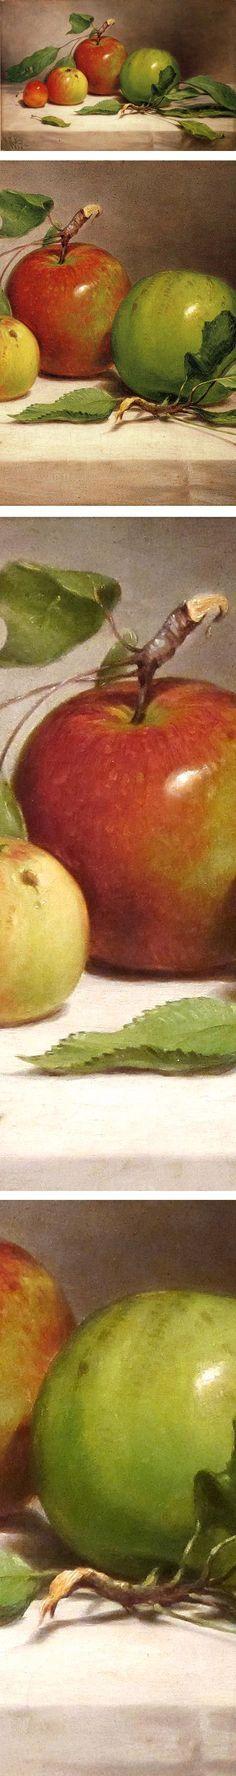 Still Life - Study of Apples, William Rickarby Miller: